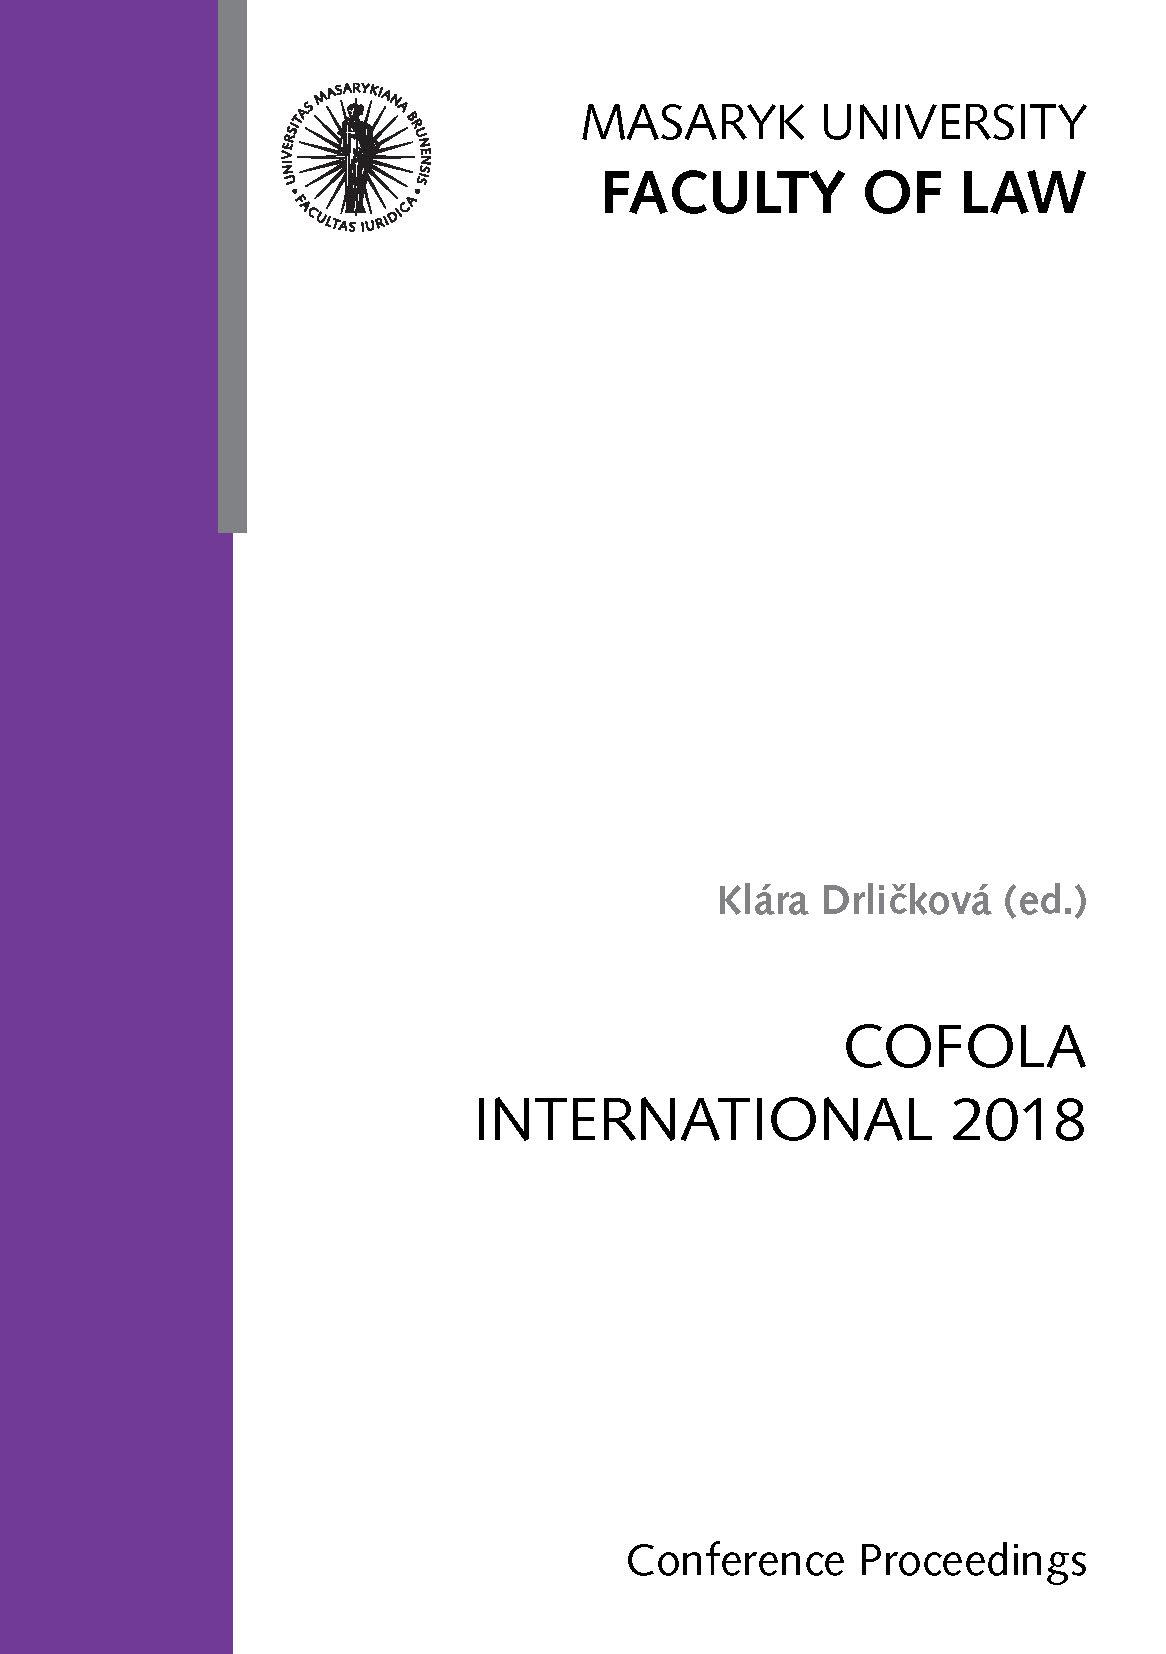 Obálka pro COFOLA International 2018. Conference Proceedings